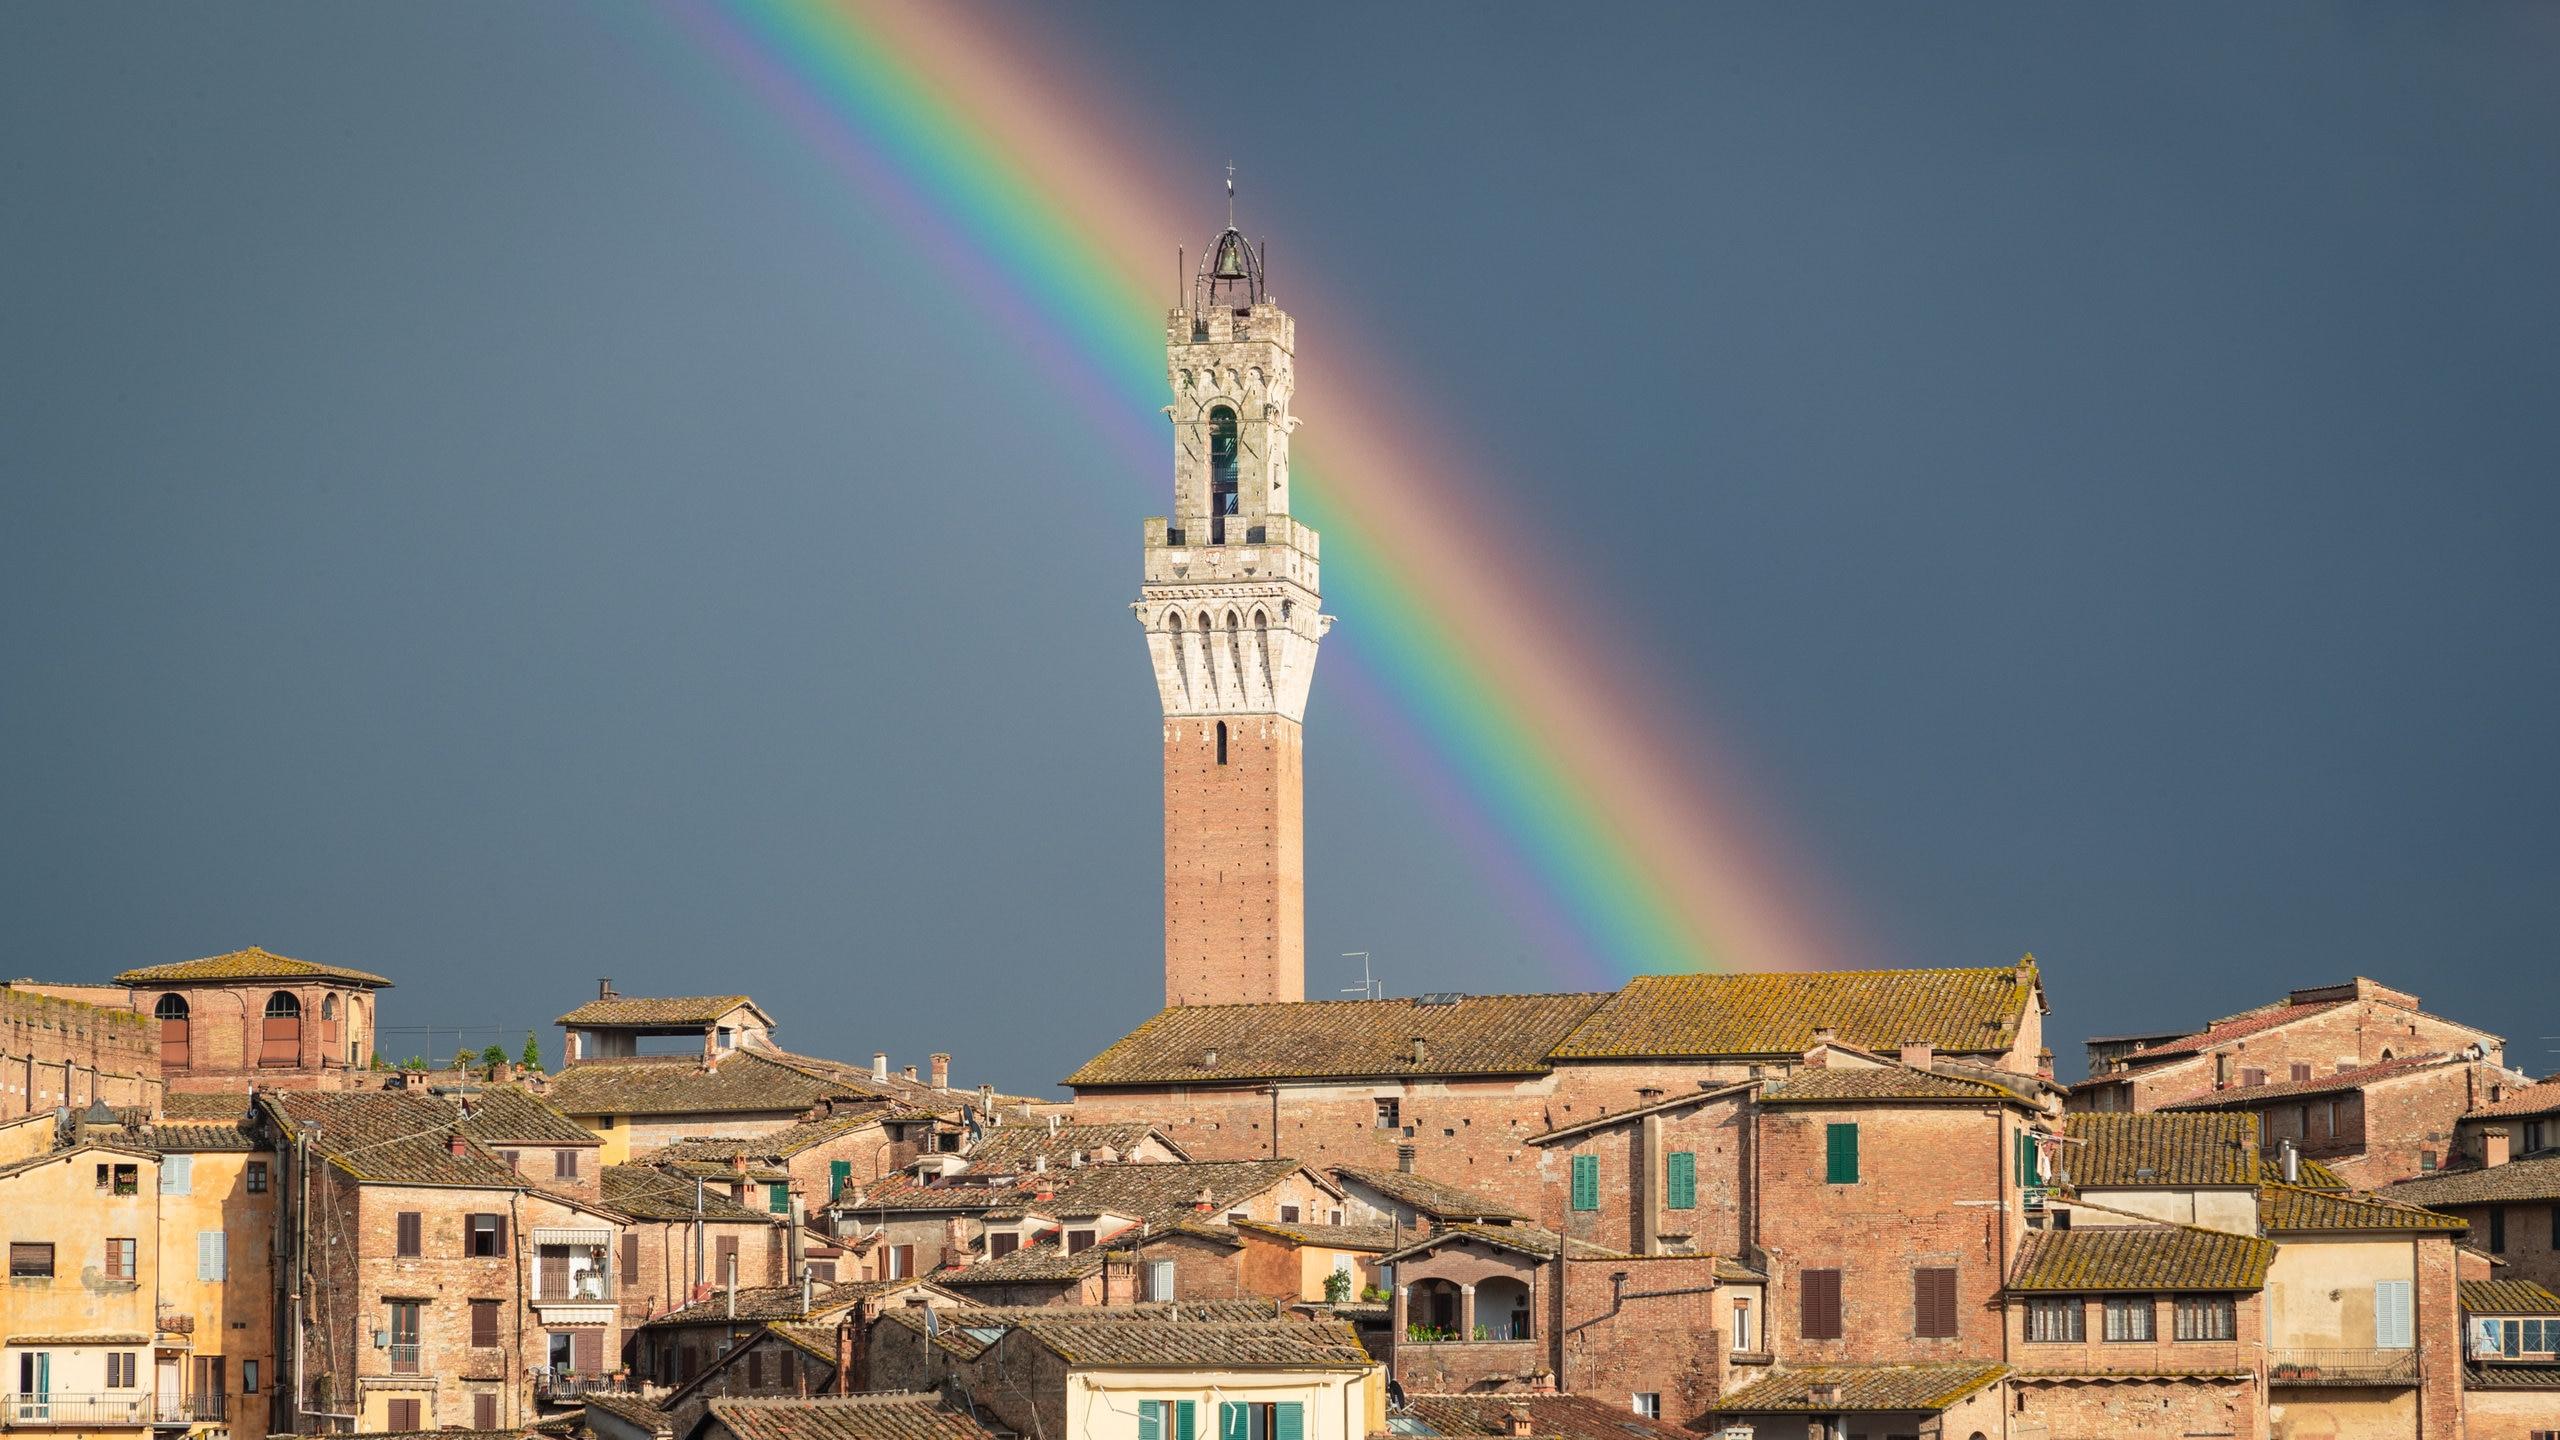 Province of Siena, Tuscany, Italy